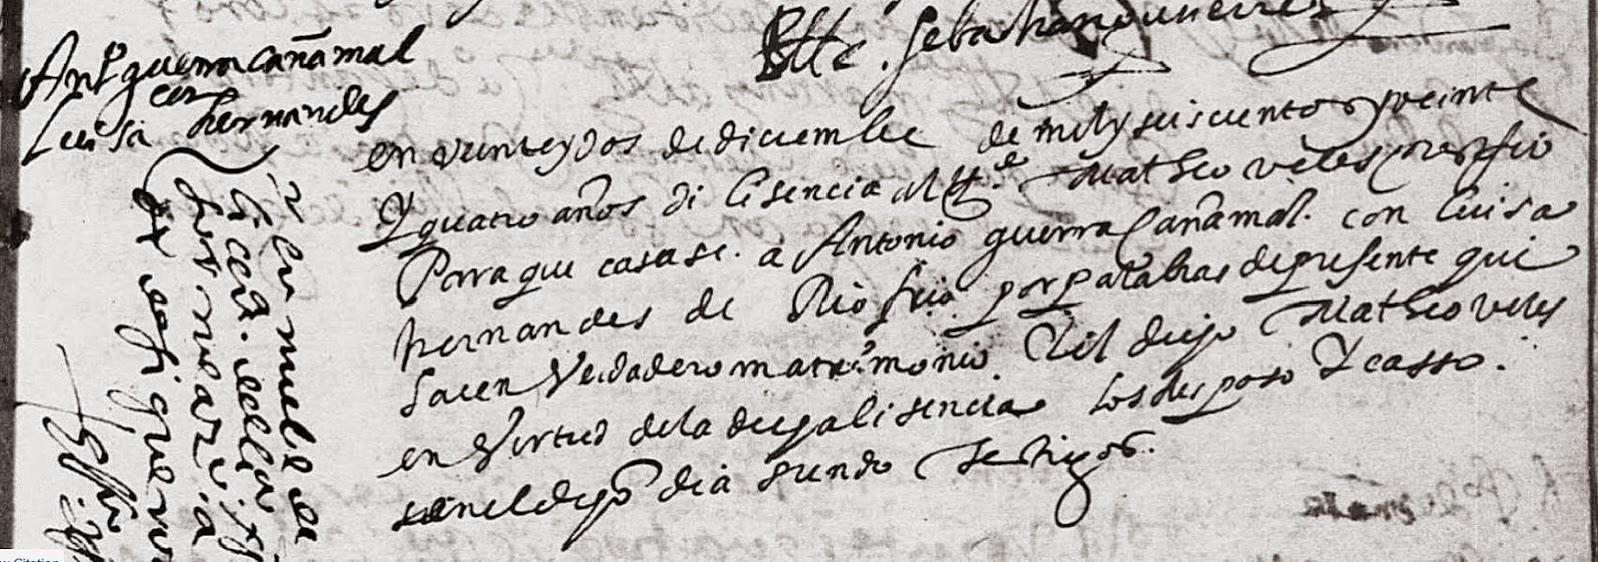 Antonio Guerra Canamal and Luisa Fernandez de Rio Frio El Sagrario Mexico City 1624 Pg 482